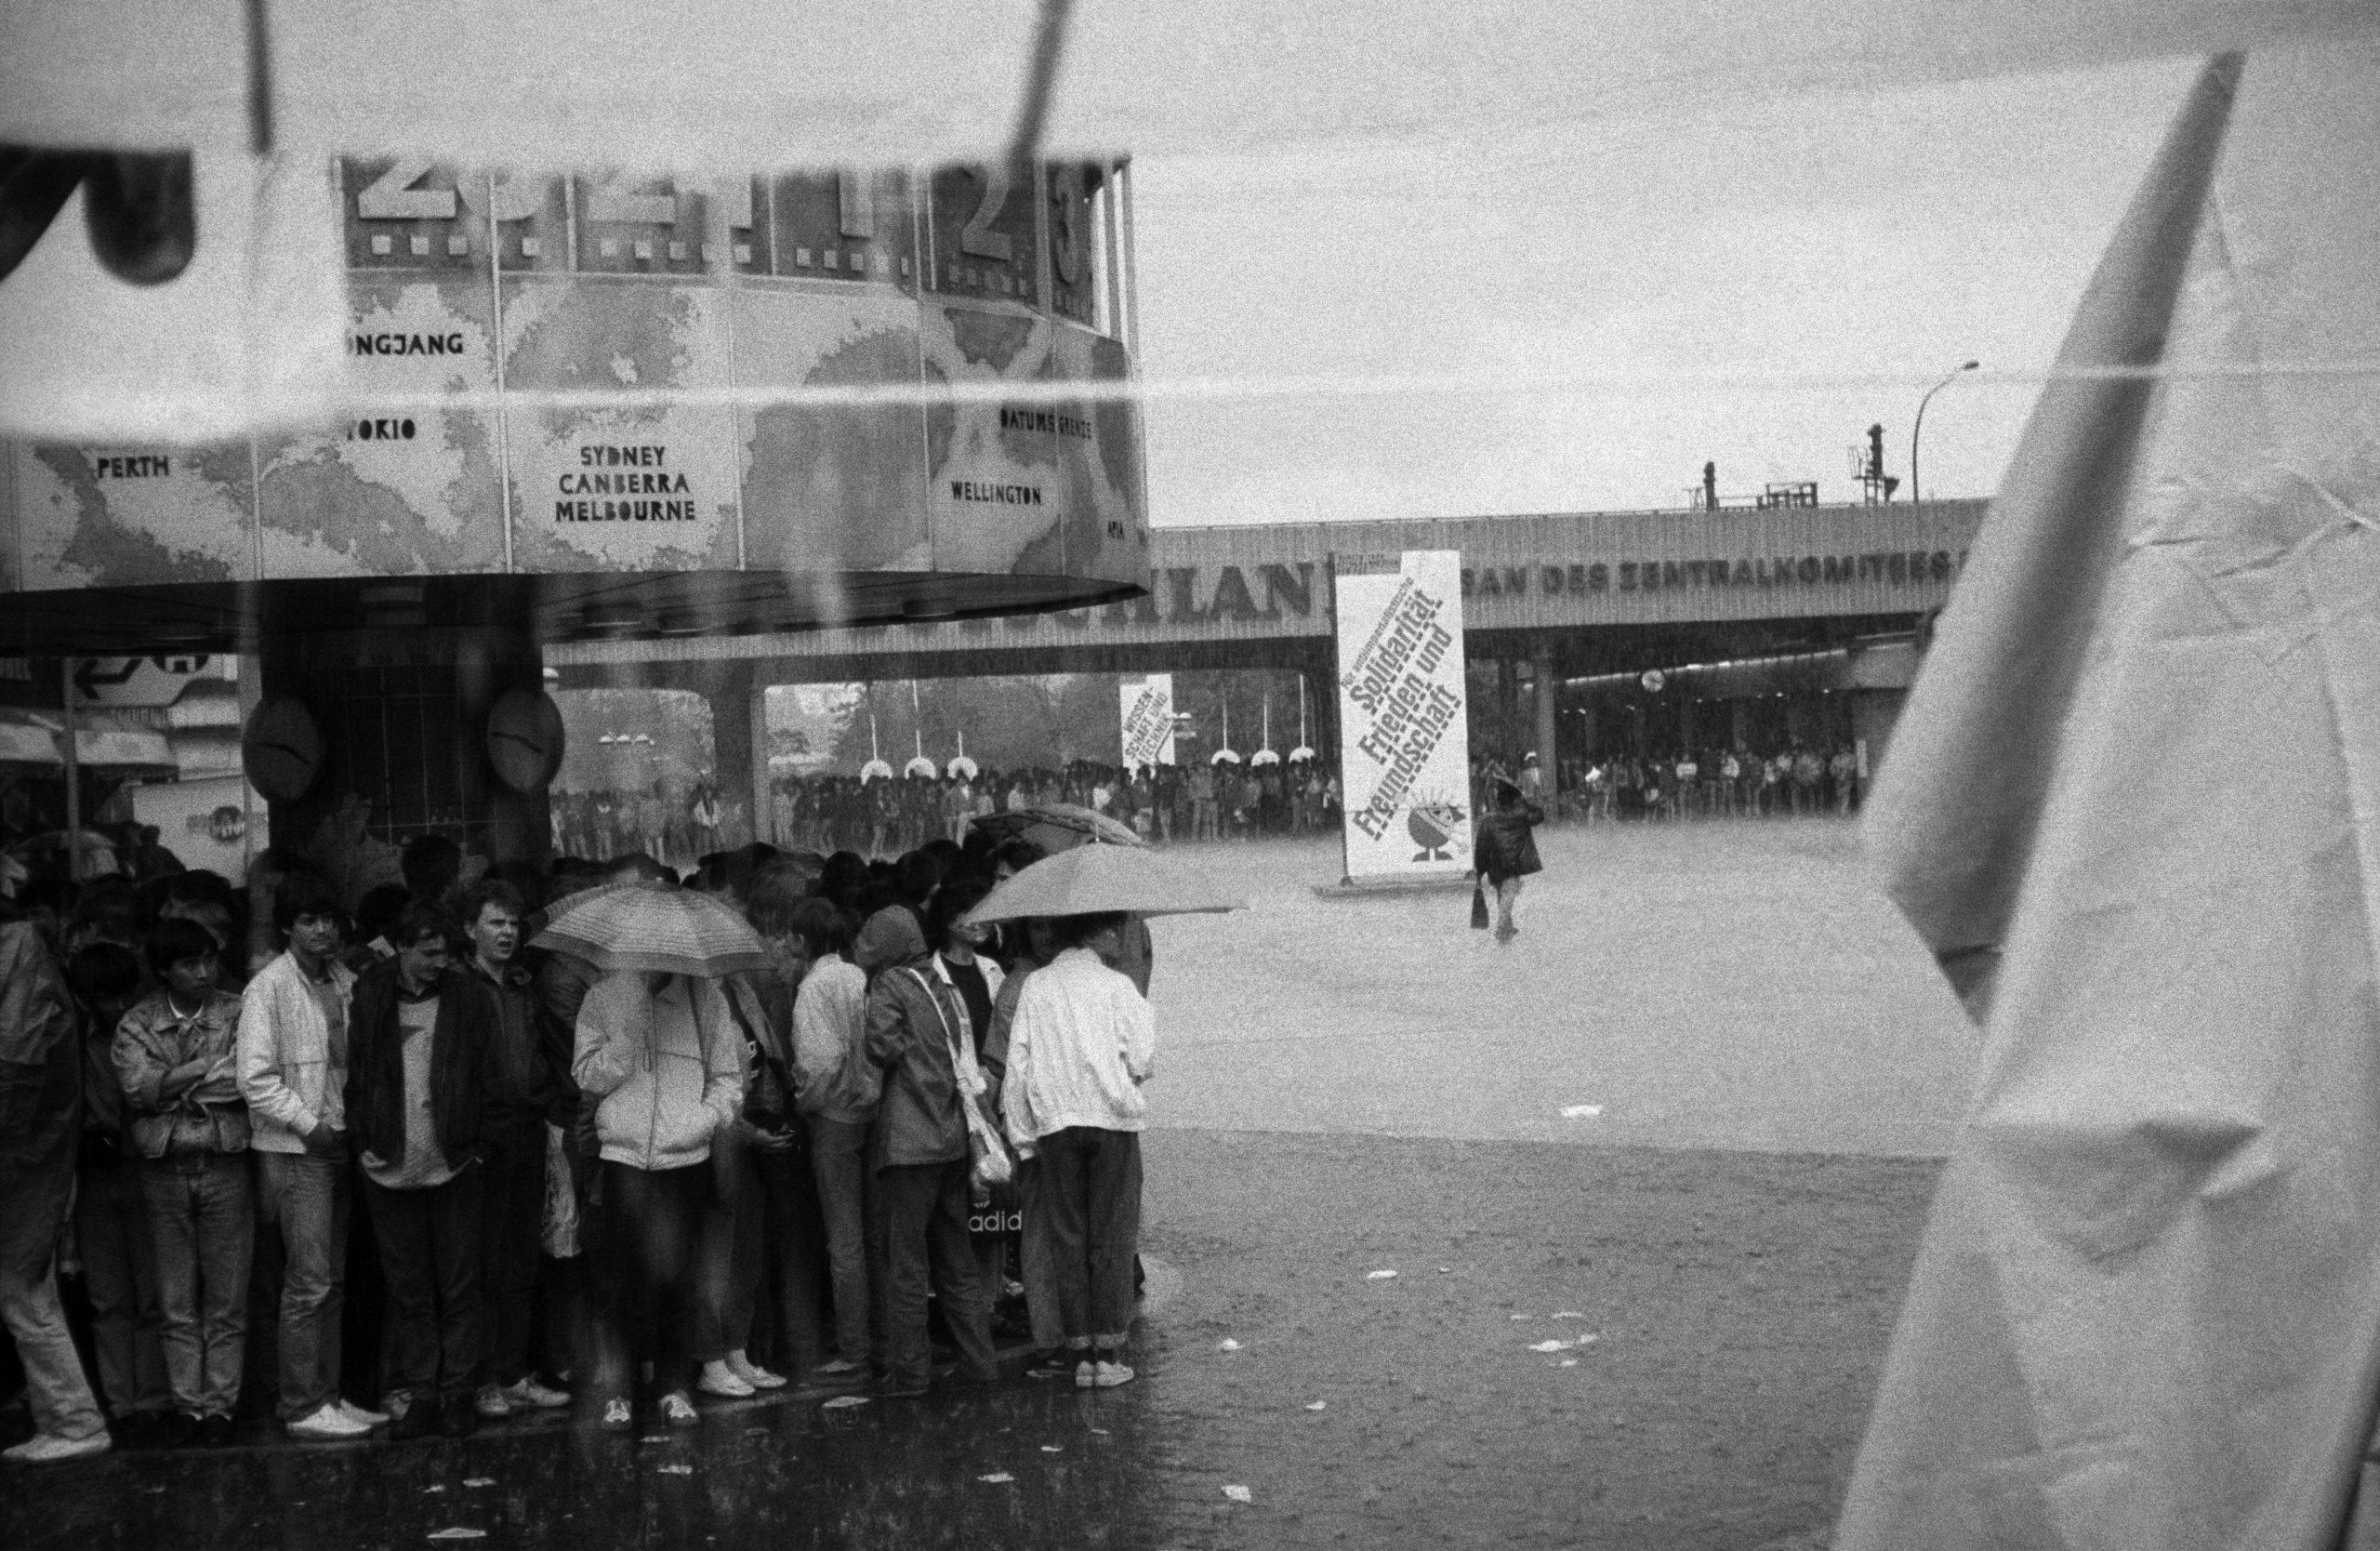 Passanten flüchten vor einem Regenguss unter die Weltzeituhr auf dem Alexanderplatz, Mai 1989. Foto: Imago/Seeliger